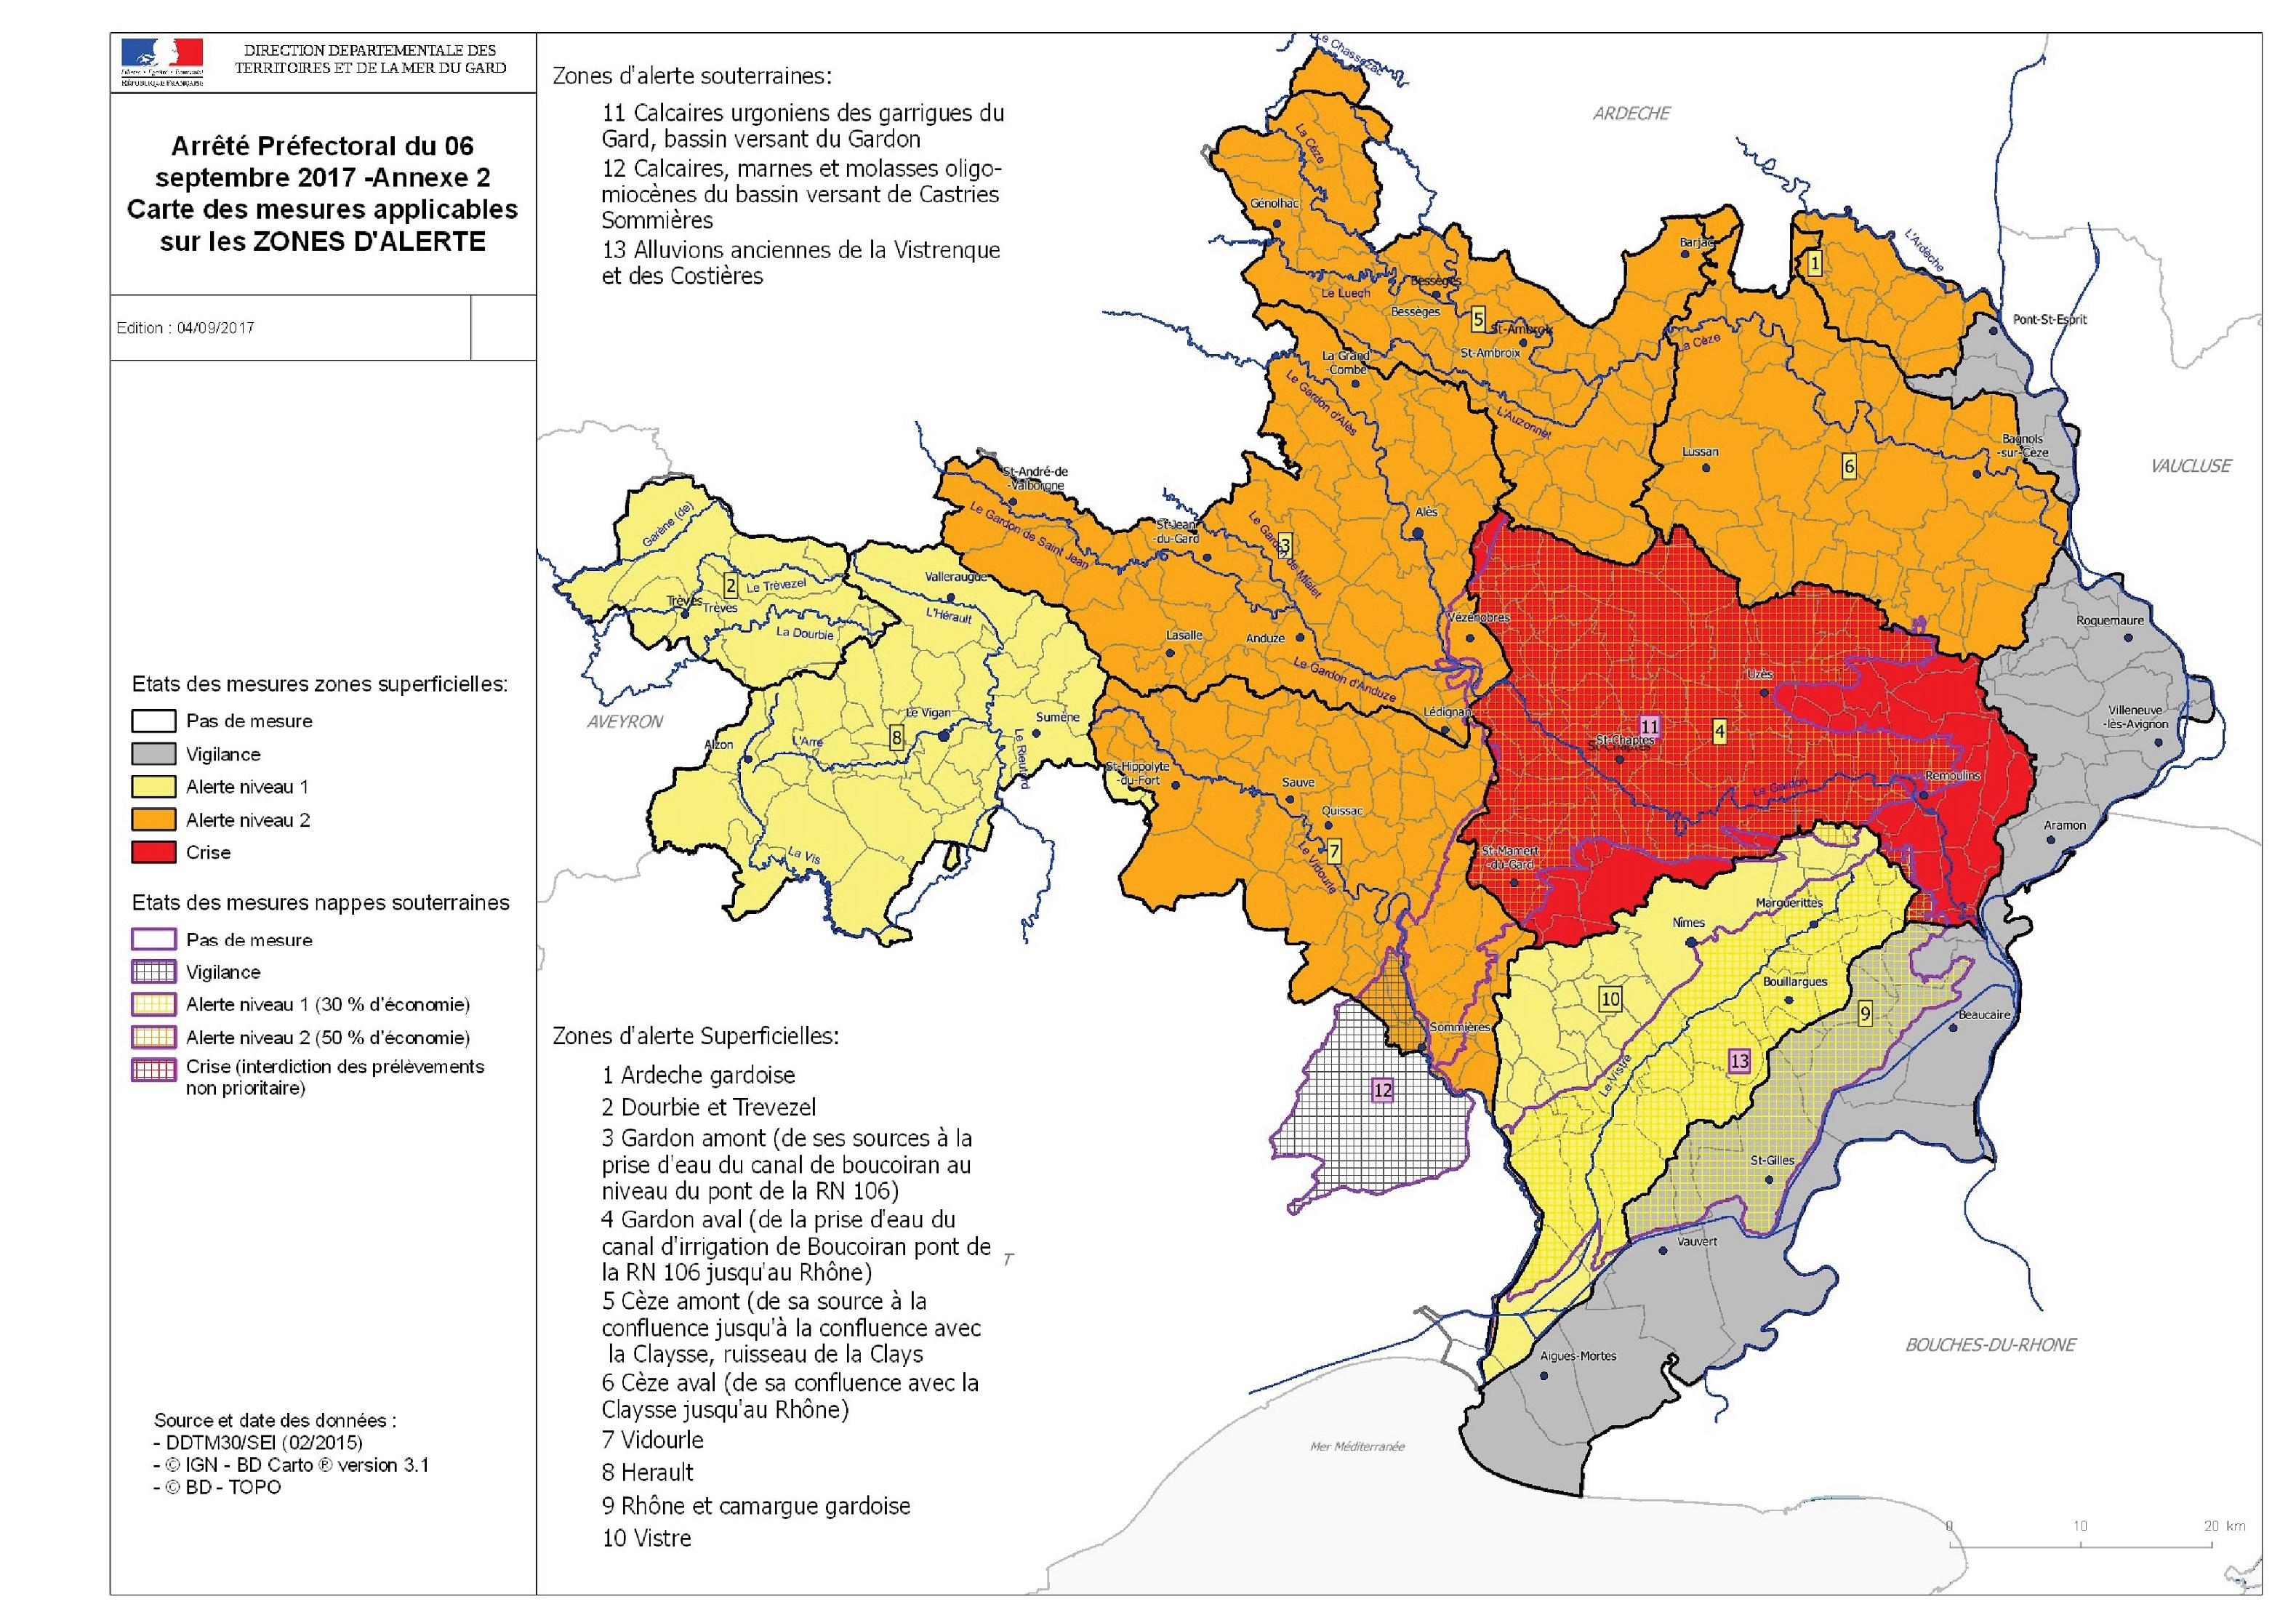 La sécheresse s'aggrave : le bassin Vidourle passe en alerte de NIVEAU 2